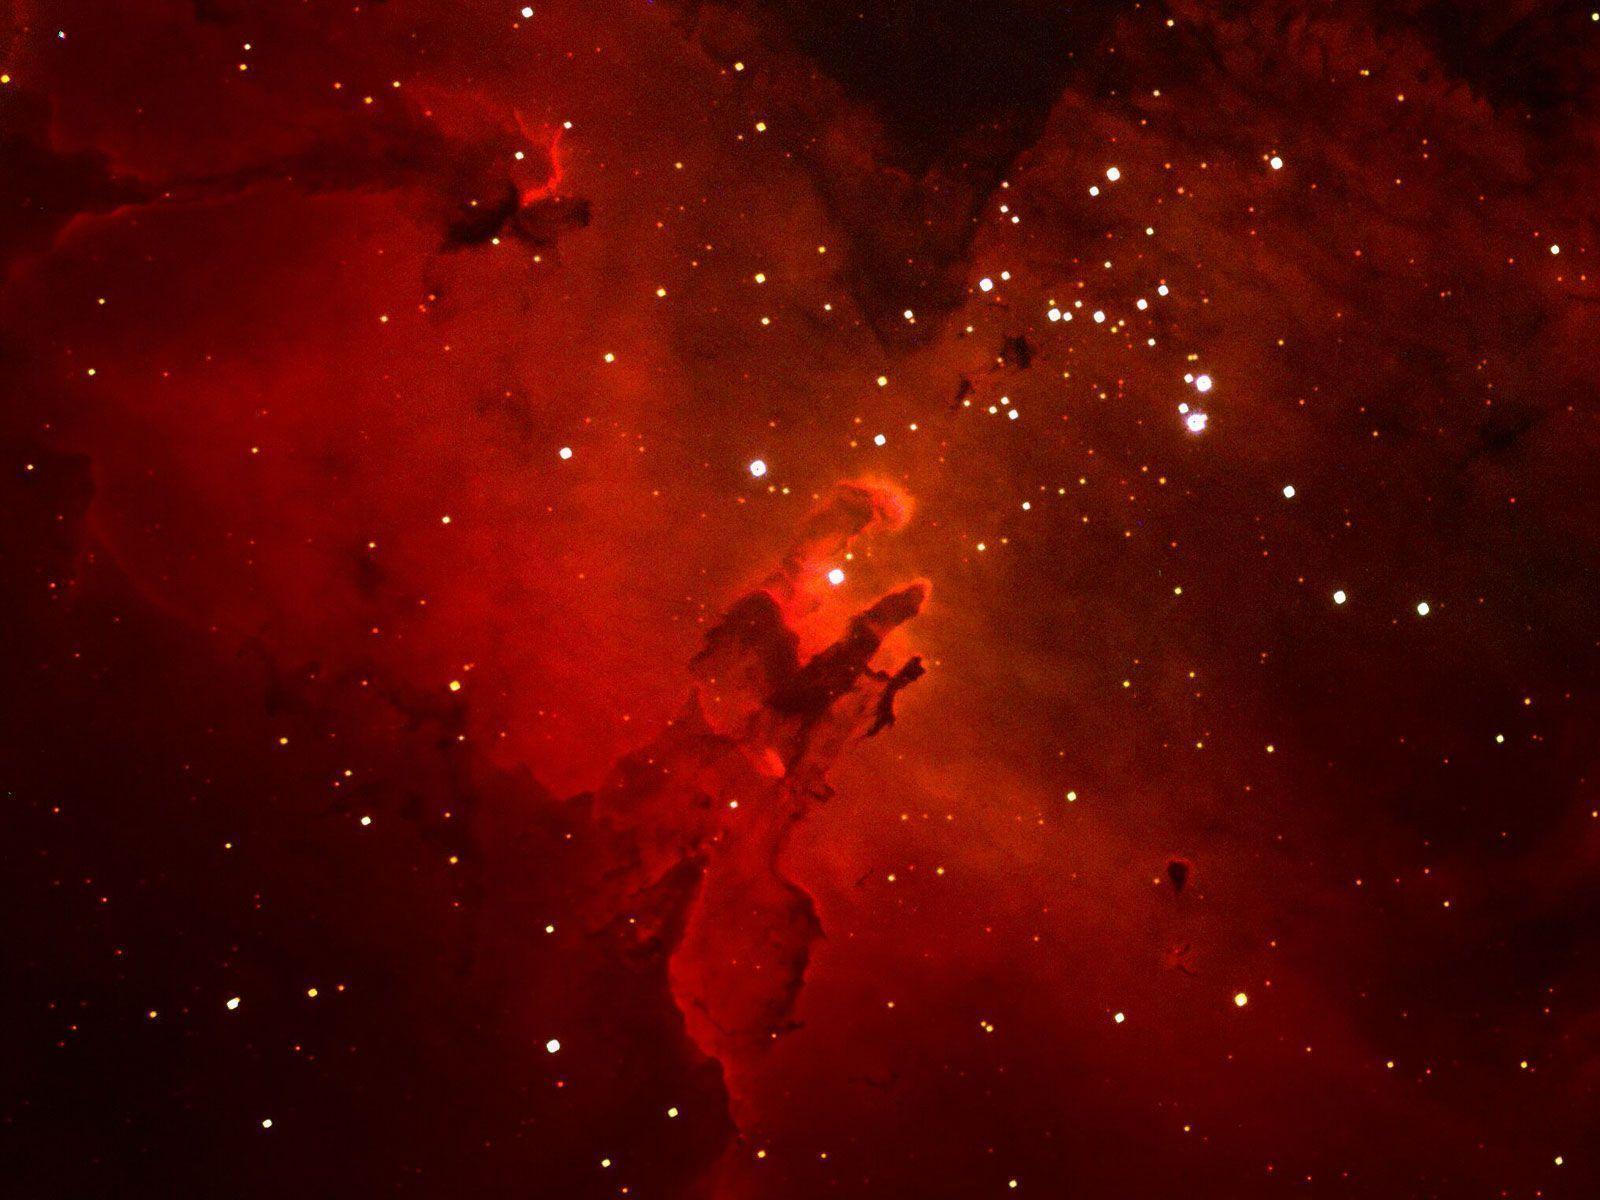 eagle nebula wallpaper - photo #10